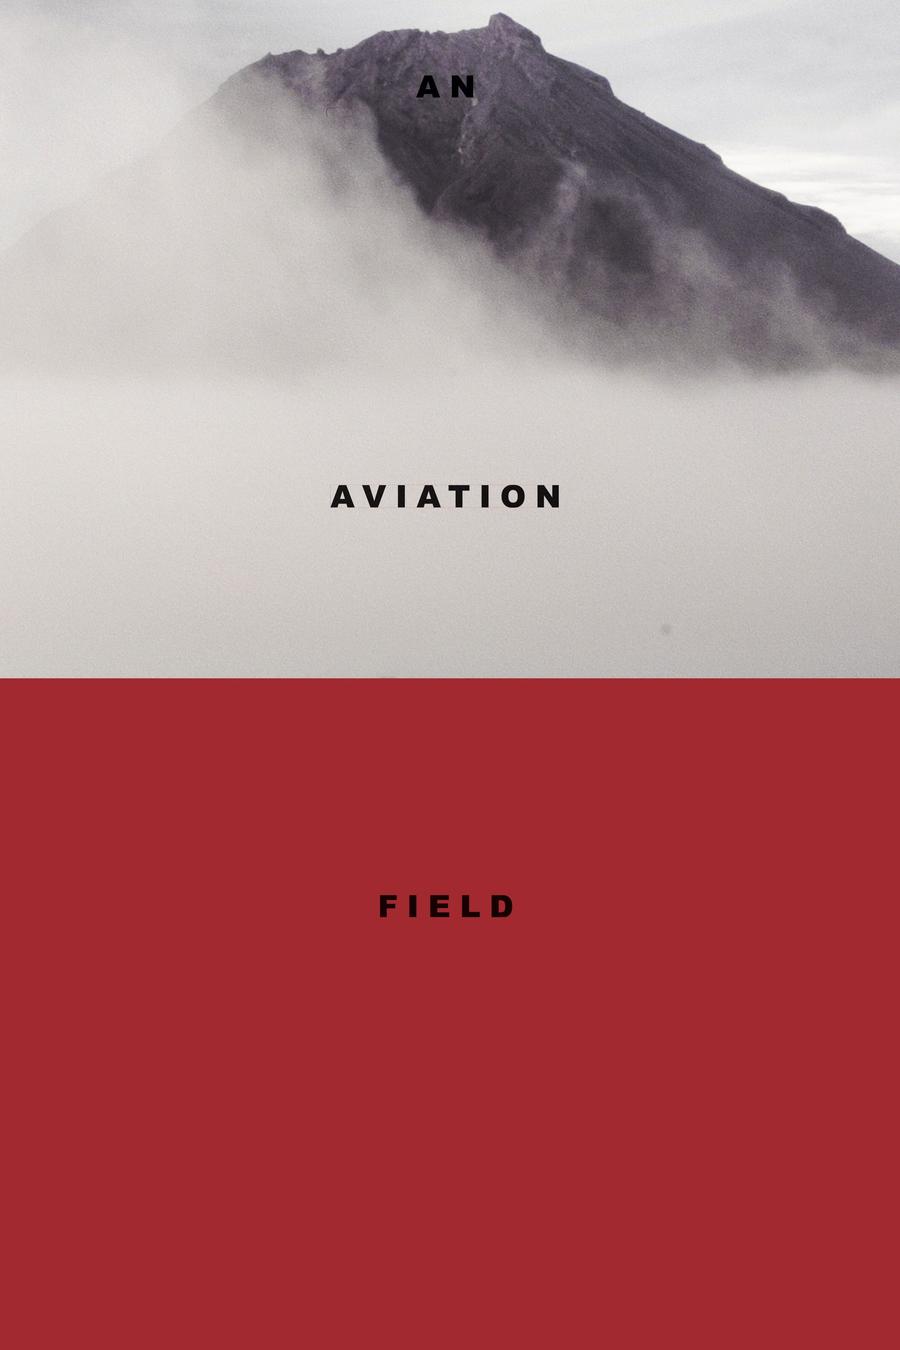 Um Campo de Aviação